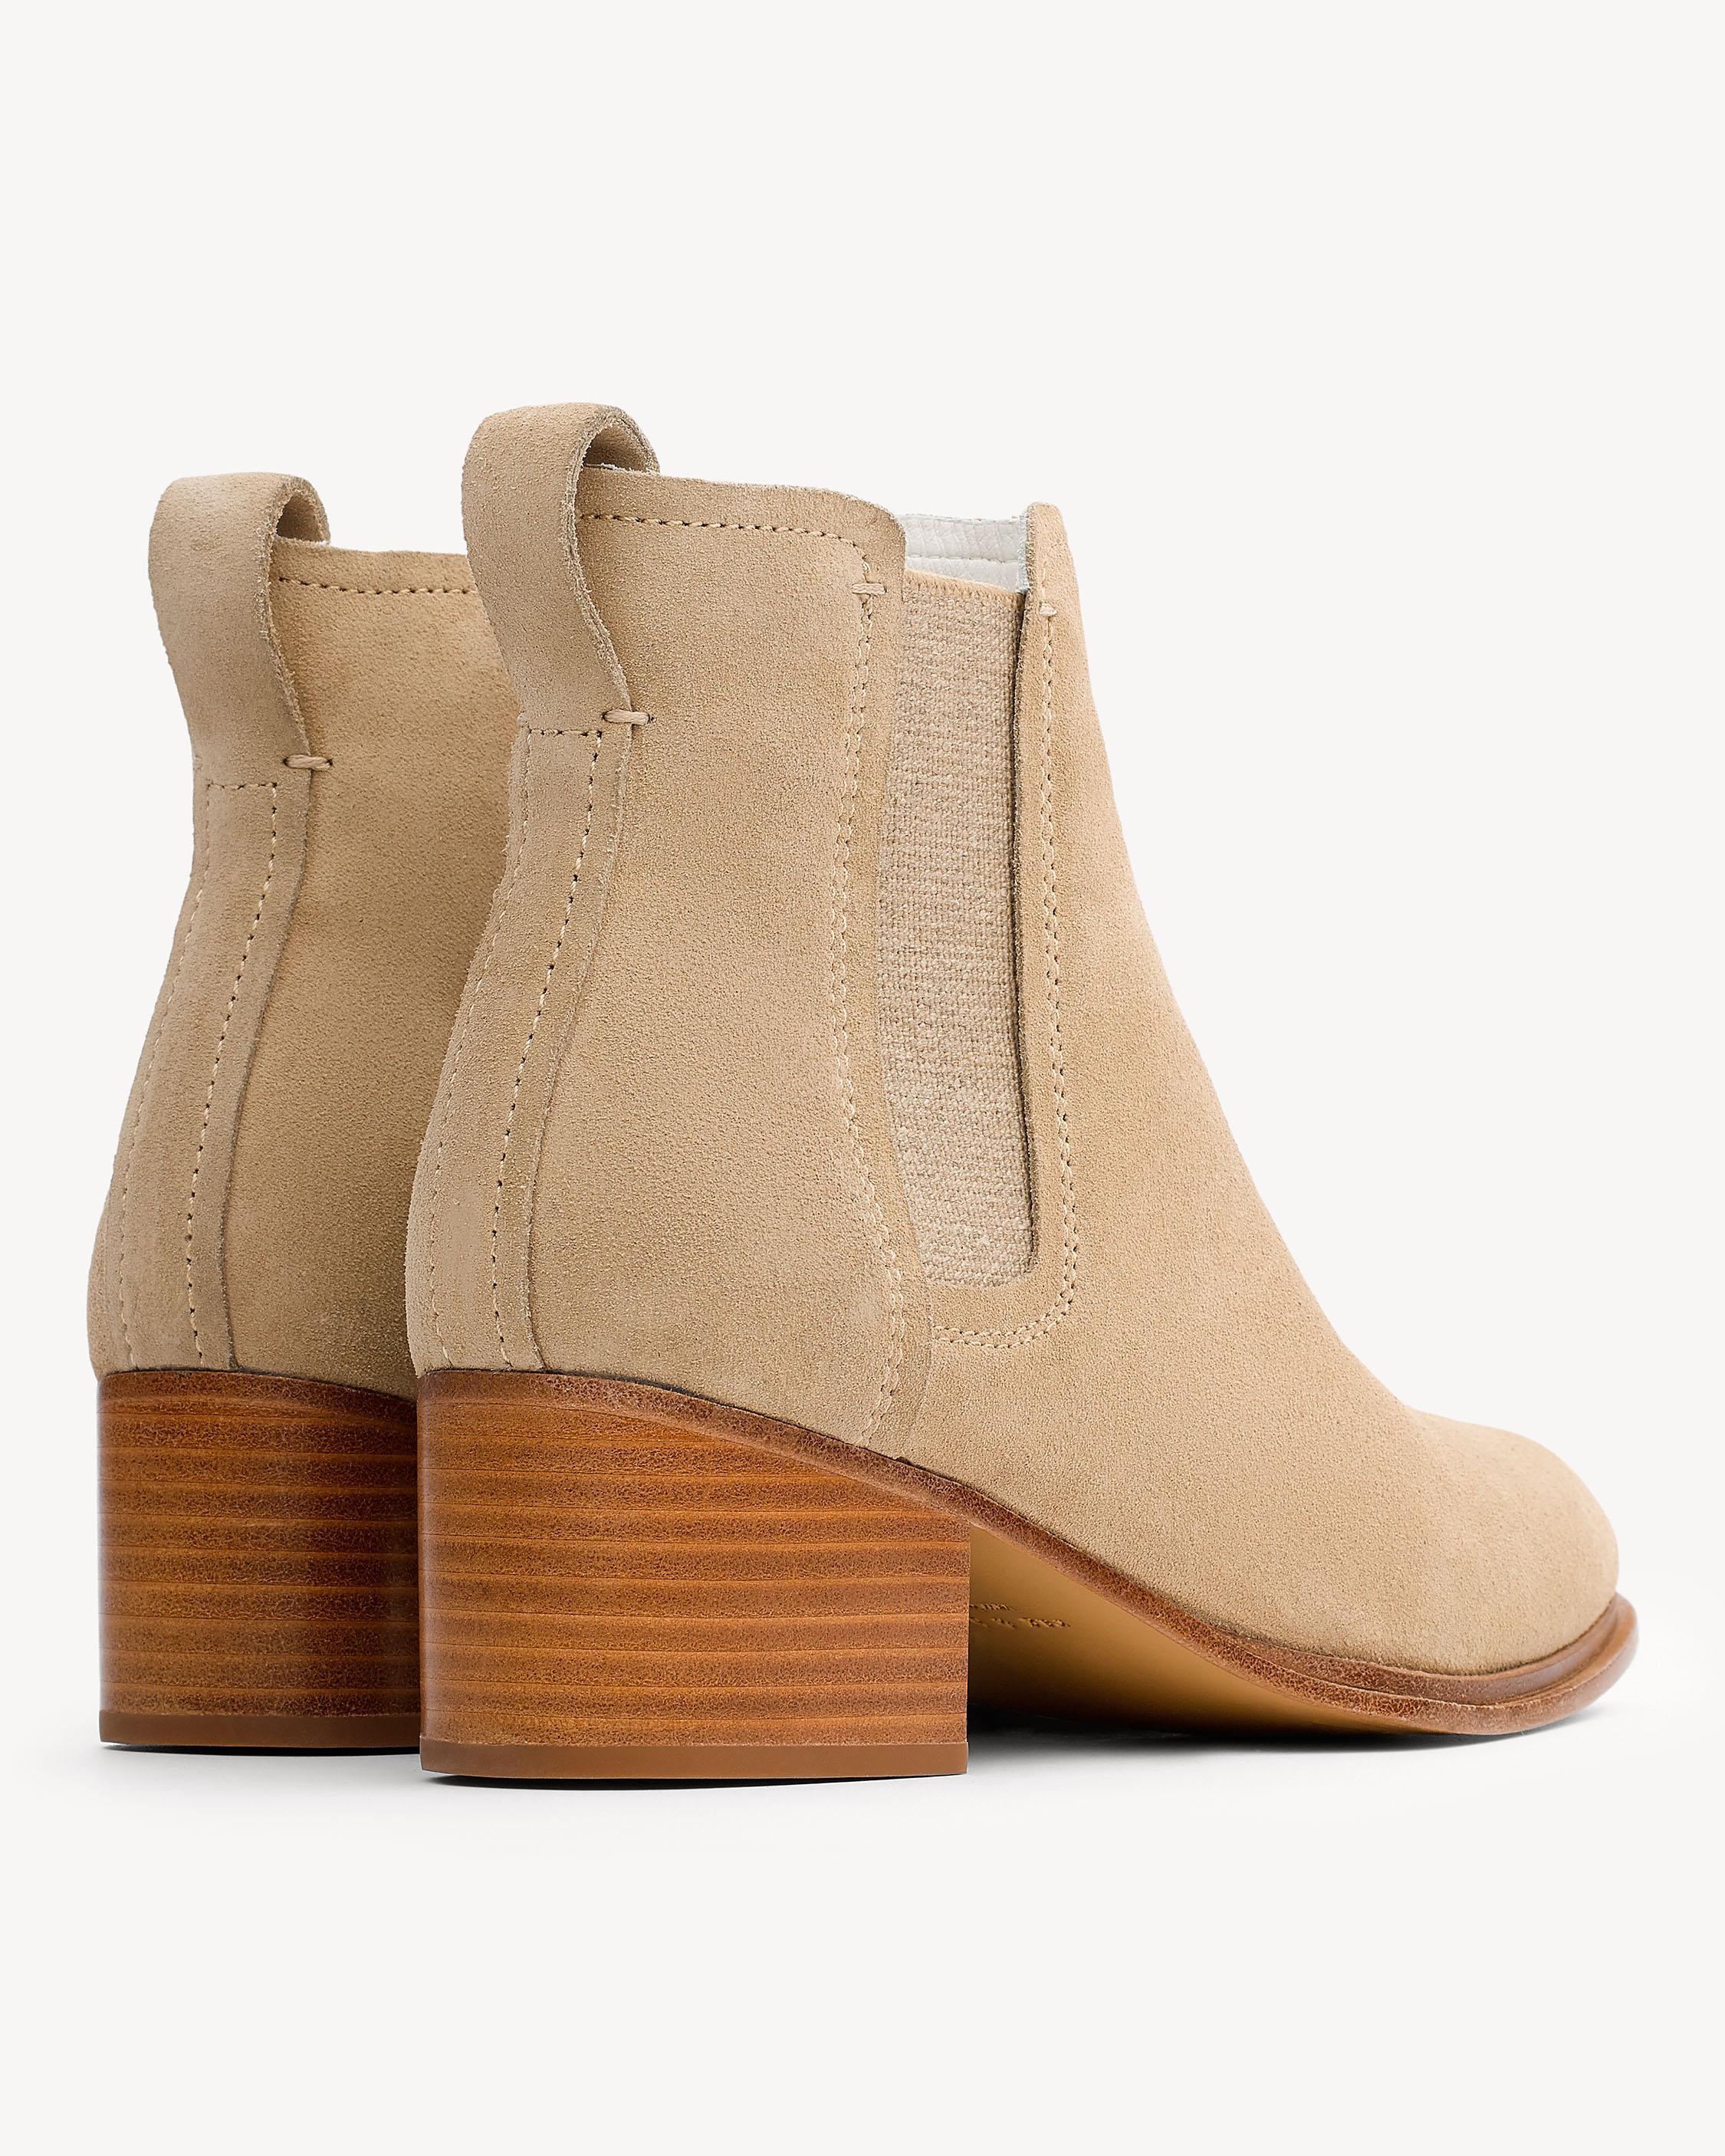 Rag & Bone Suede Walker Boot in Natural